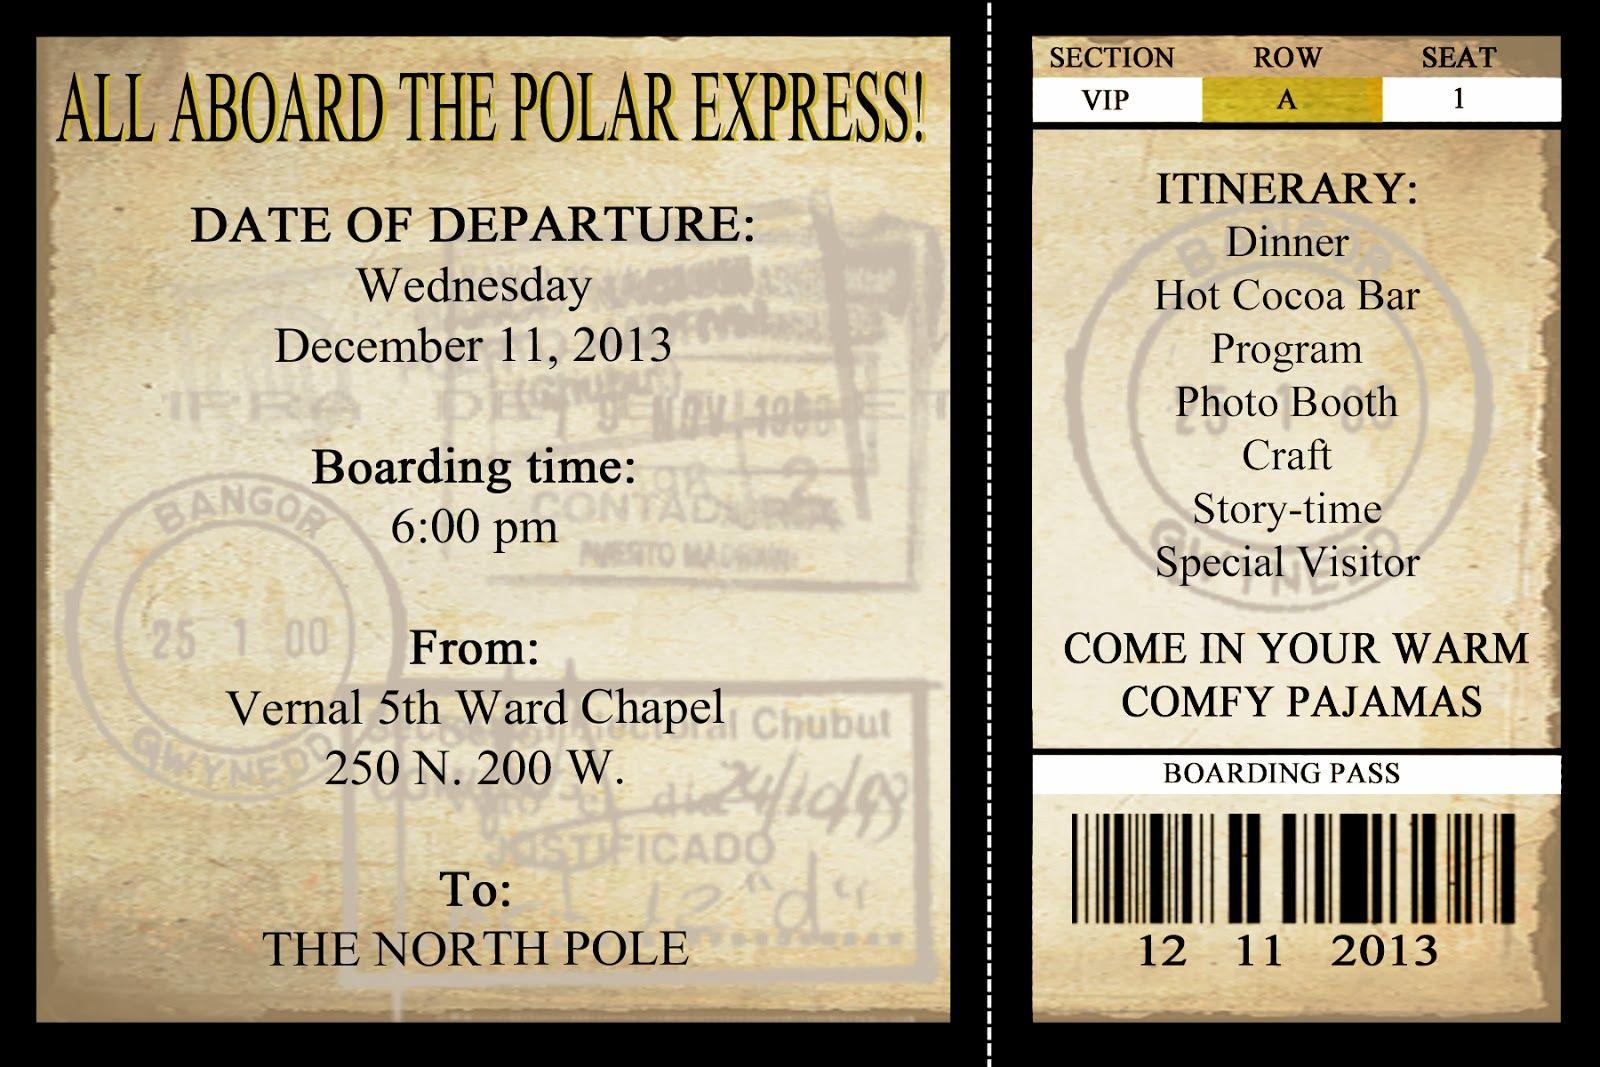 Polar Express Invite Jpg 1 600 1 067 Pixels Polar Express Party